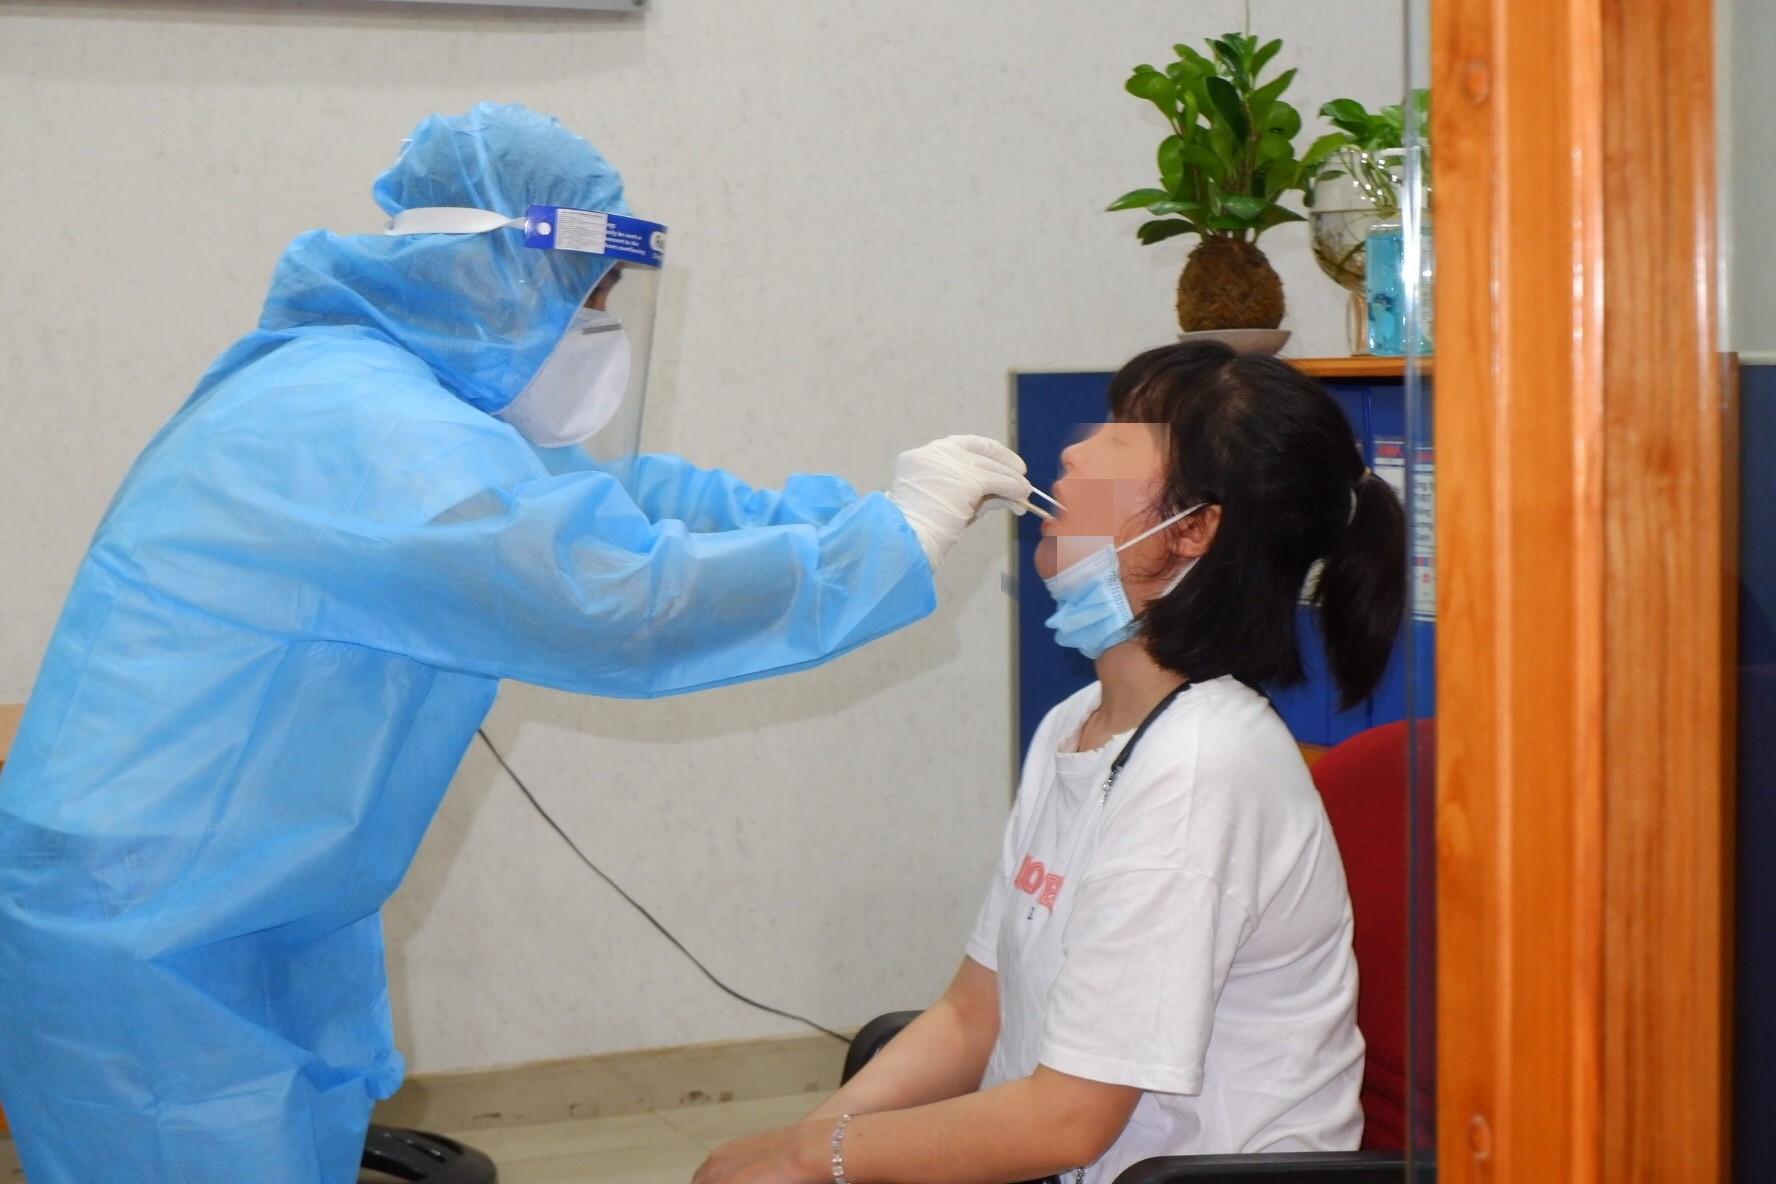 Nhân viên y tế lấy mẫu xét nghiệm COVID-19 cho người liên quan ca mắc COVID-19 tại Gò Vấp